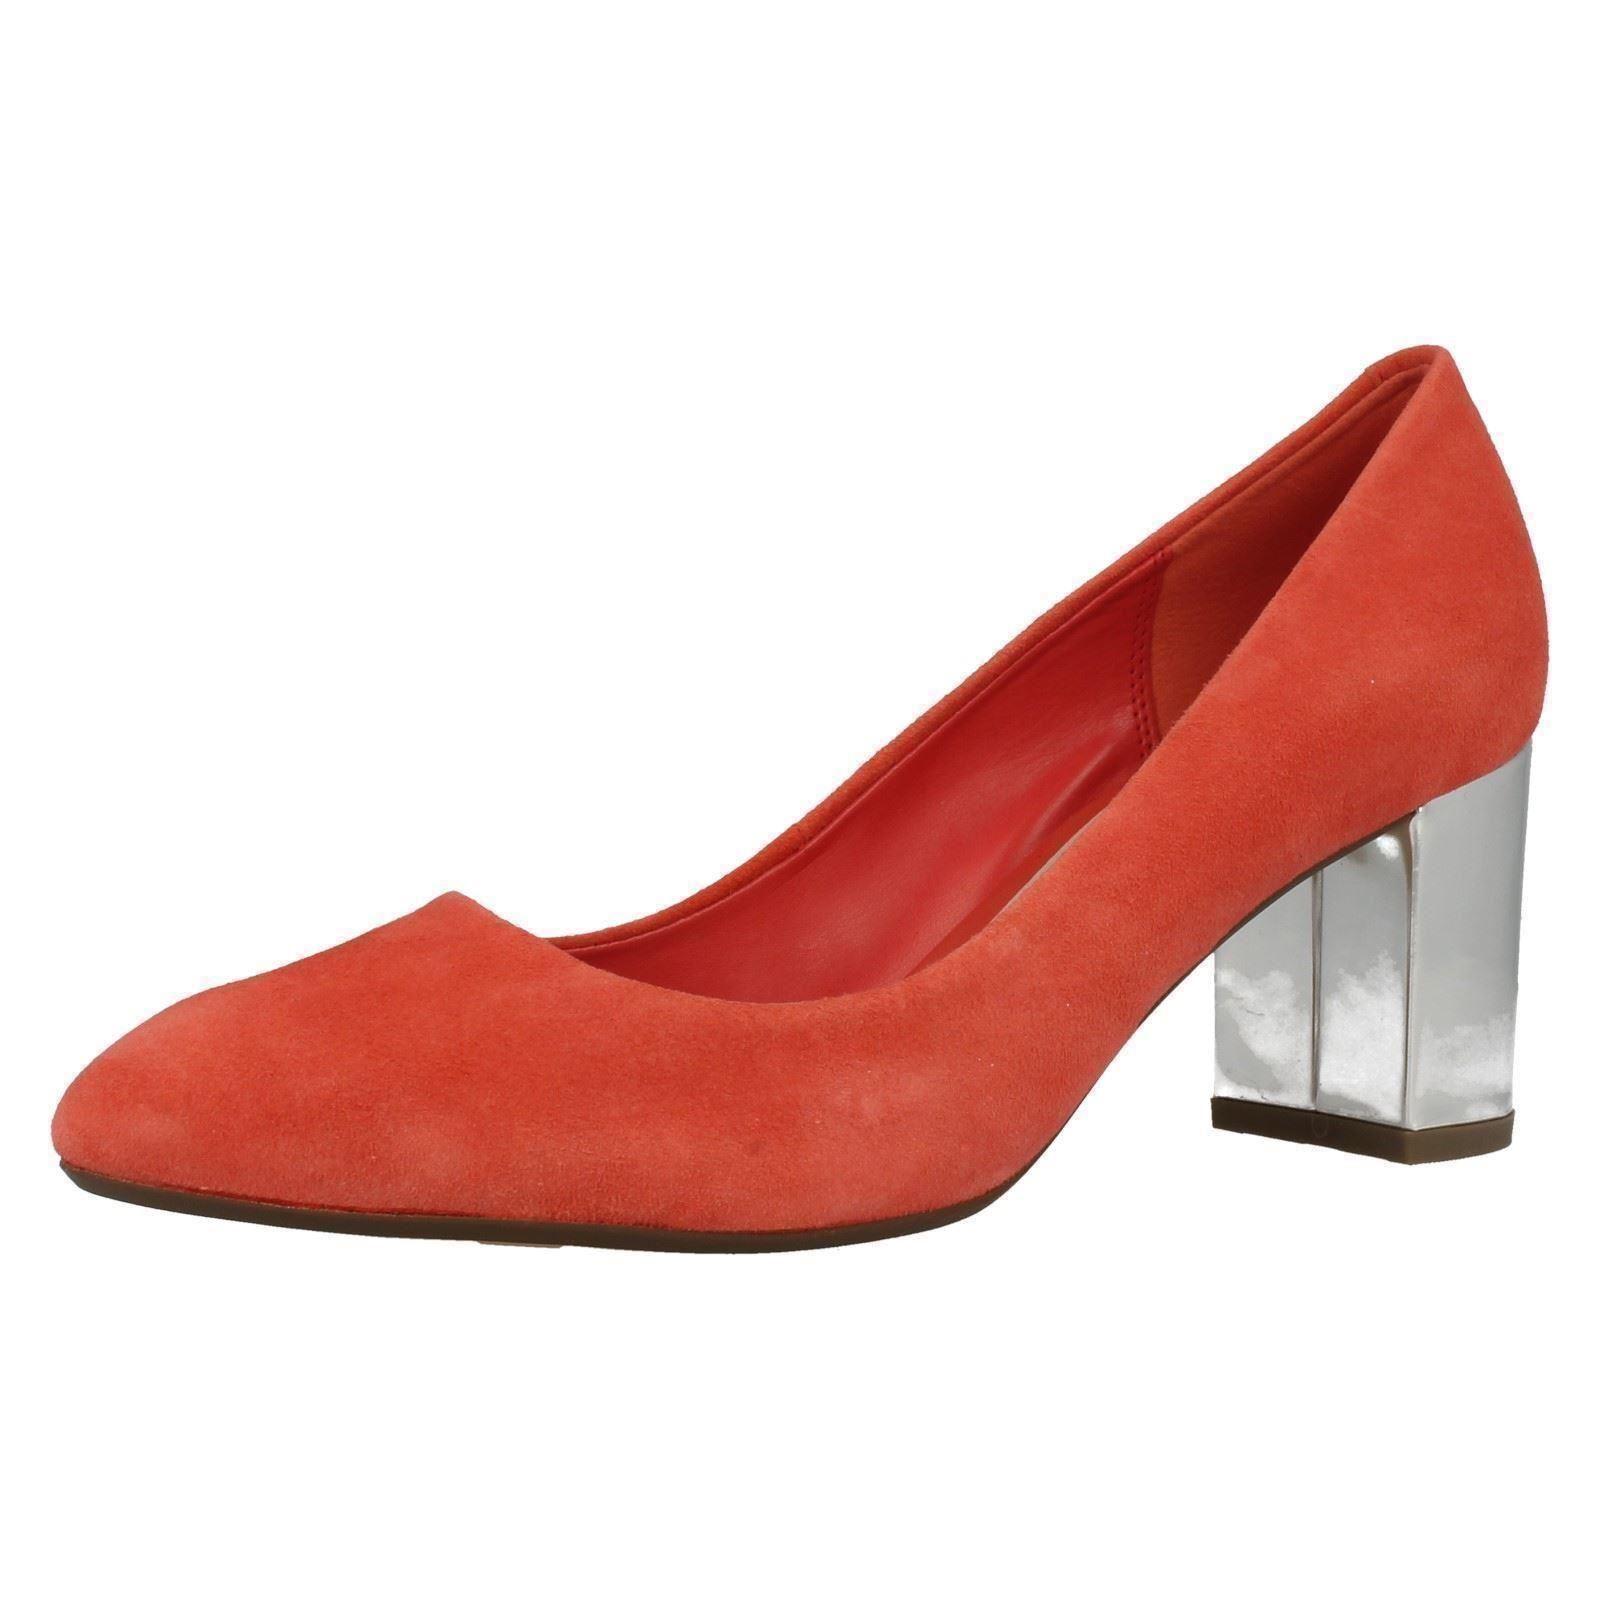 Damas Clarks Bloque Talón Puntera en Punta Inteligentes resbalón en el Tribunal Zapatos feliz en la nube